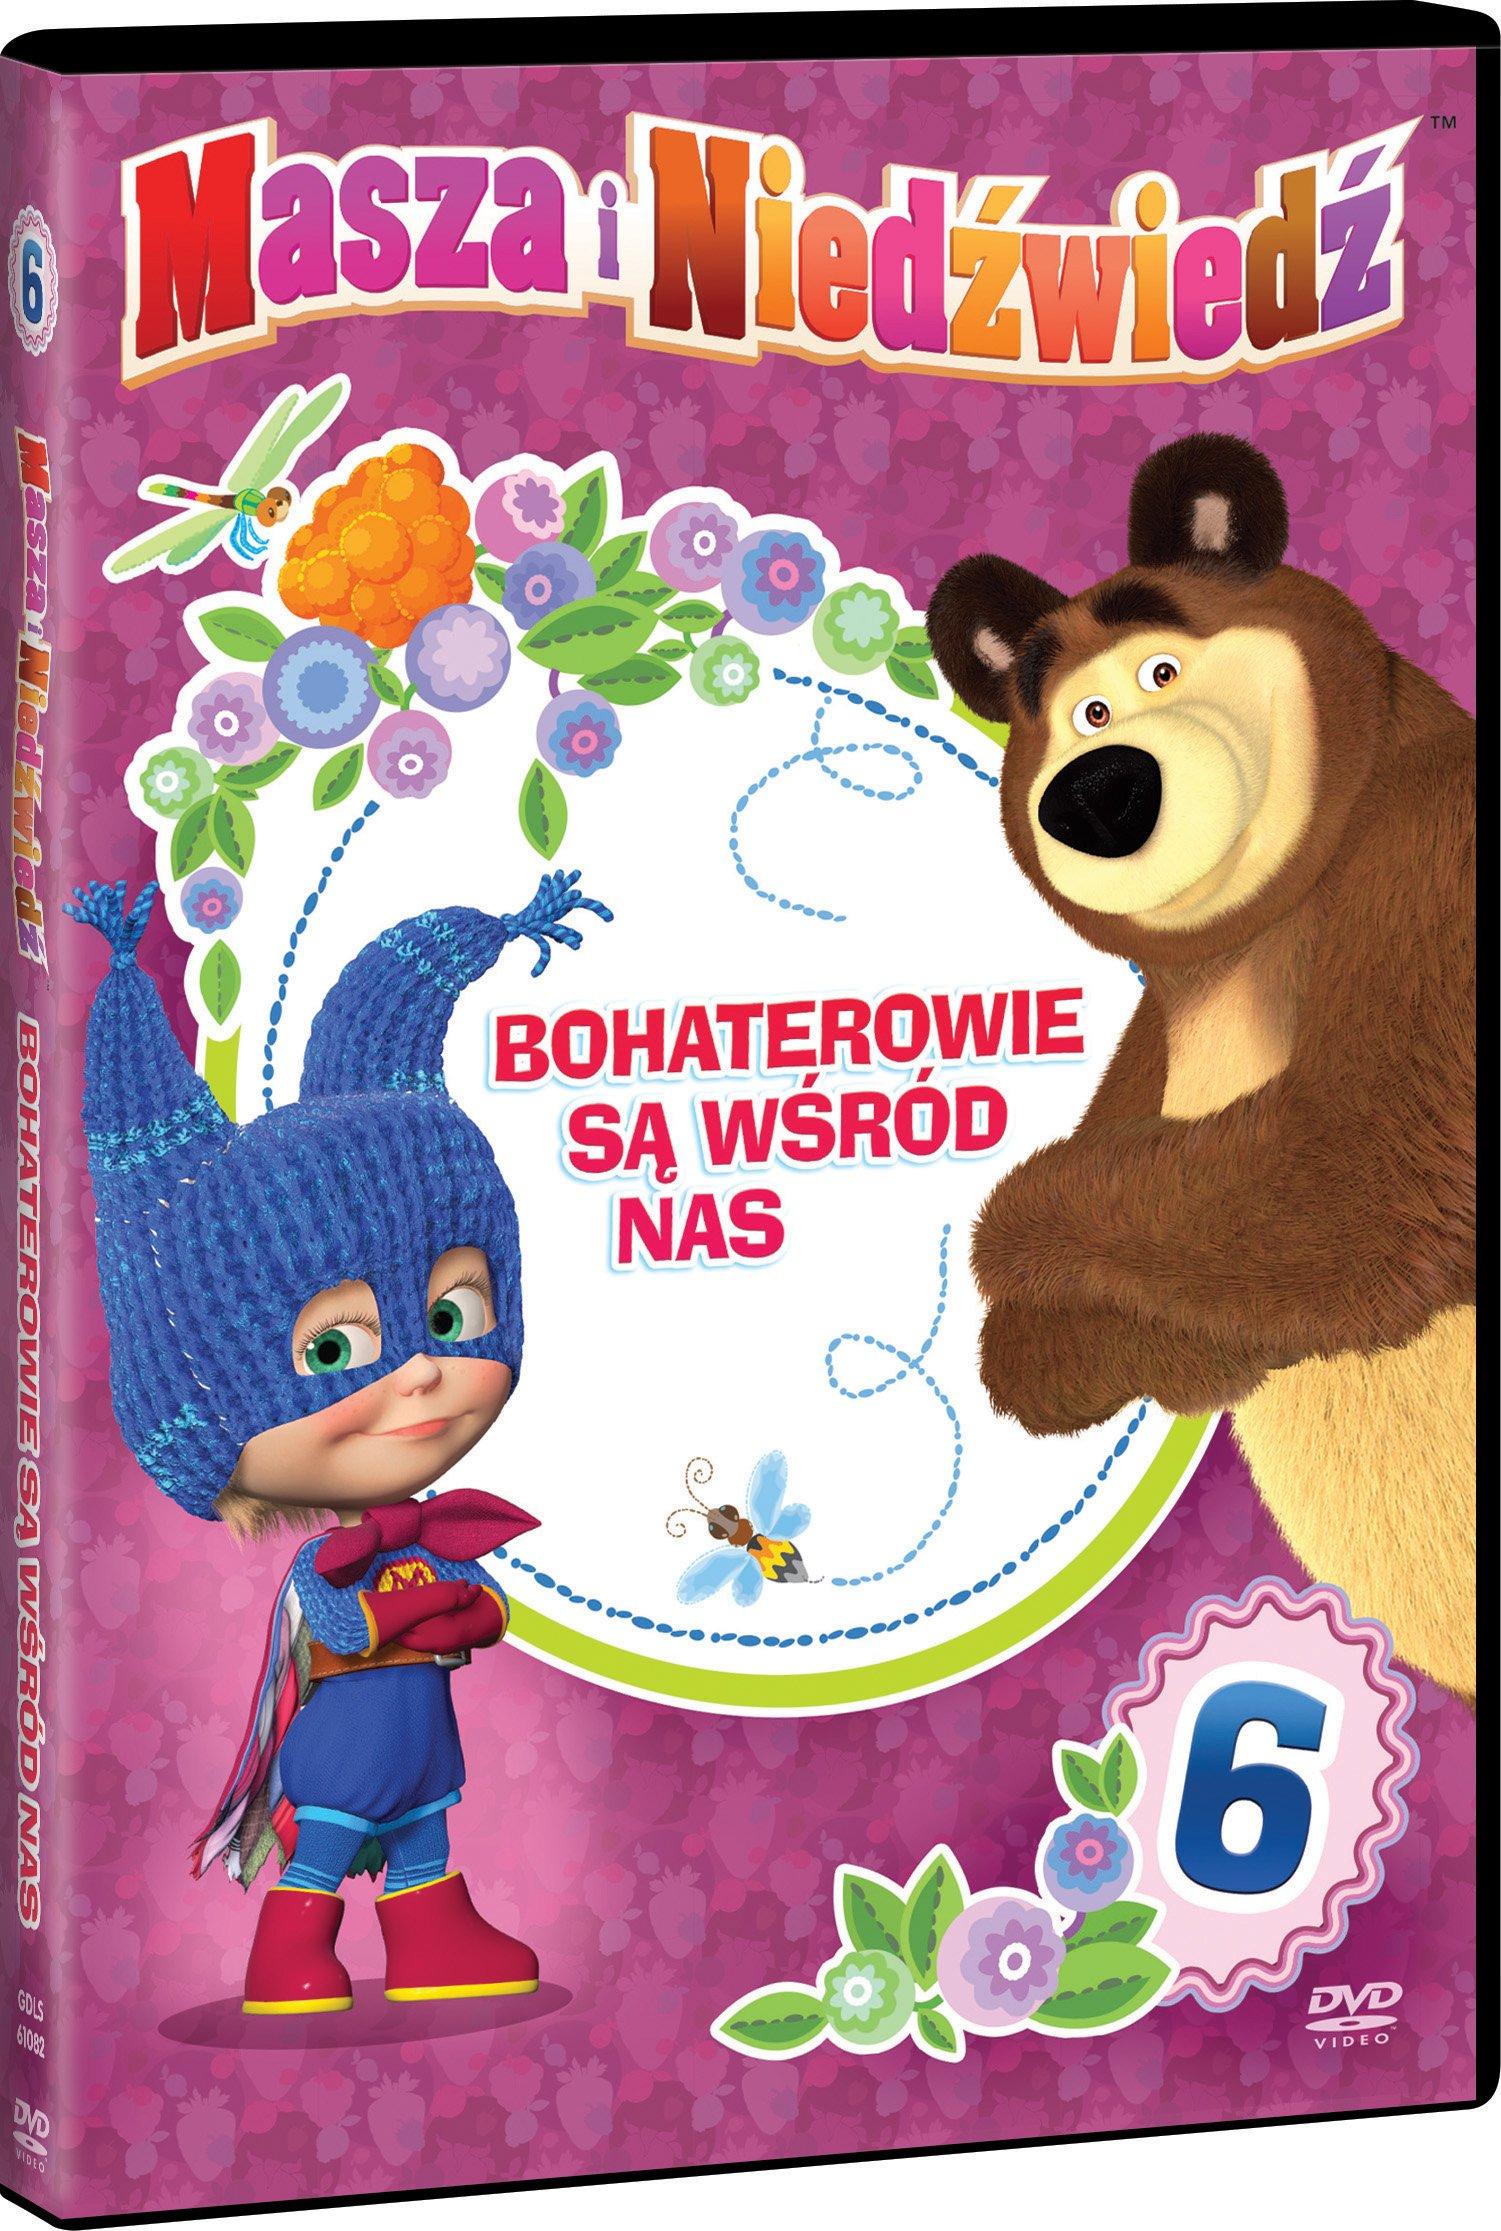 Płyta DVD Masza i niedźwiedź, część 6 DVD